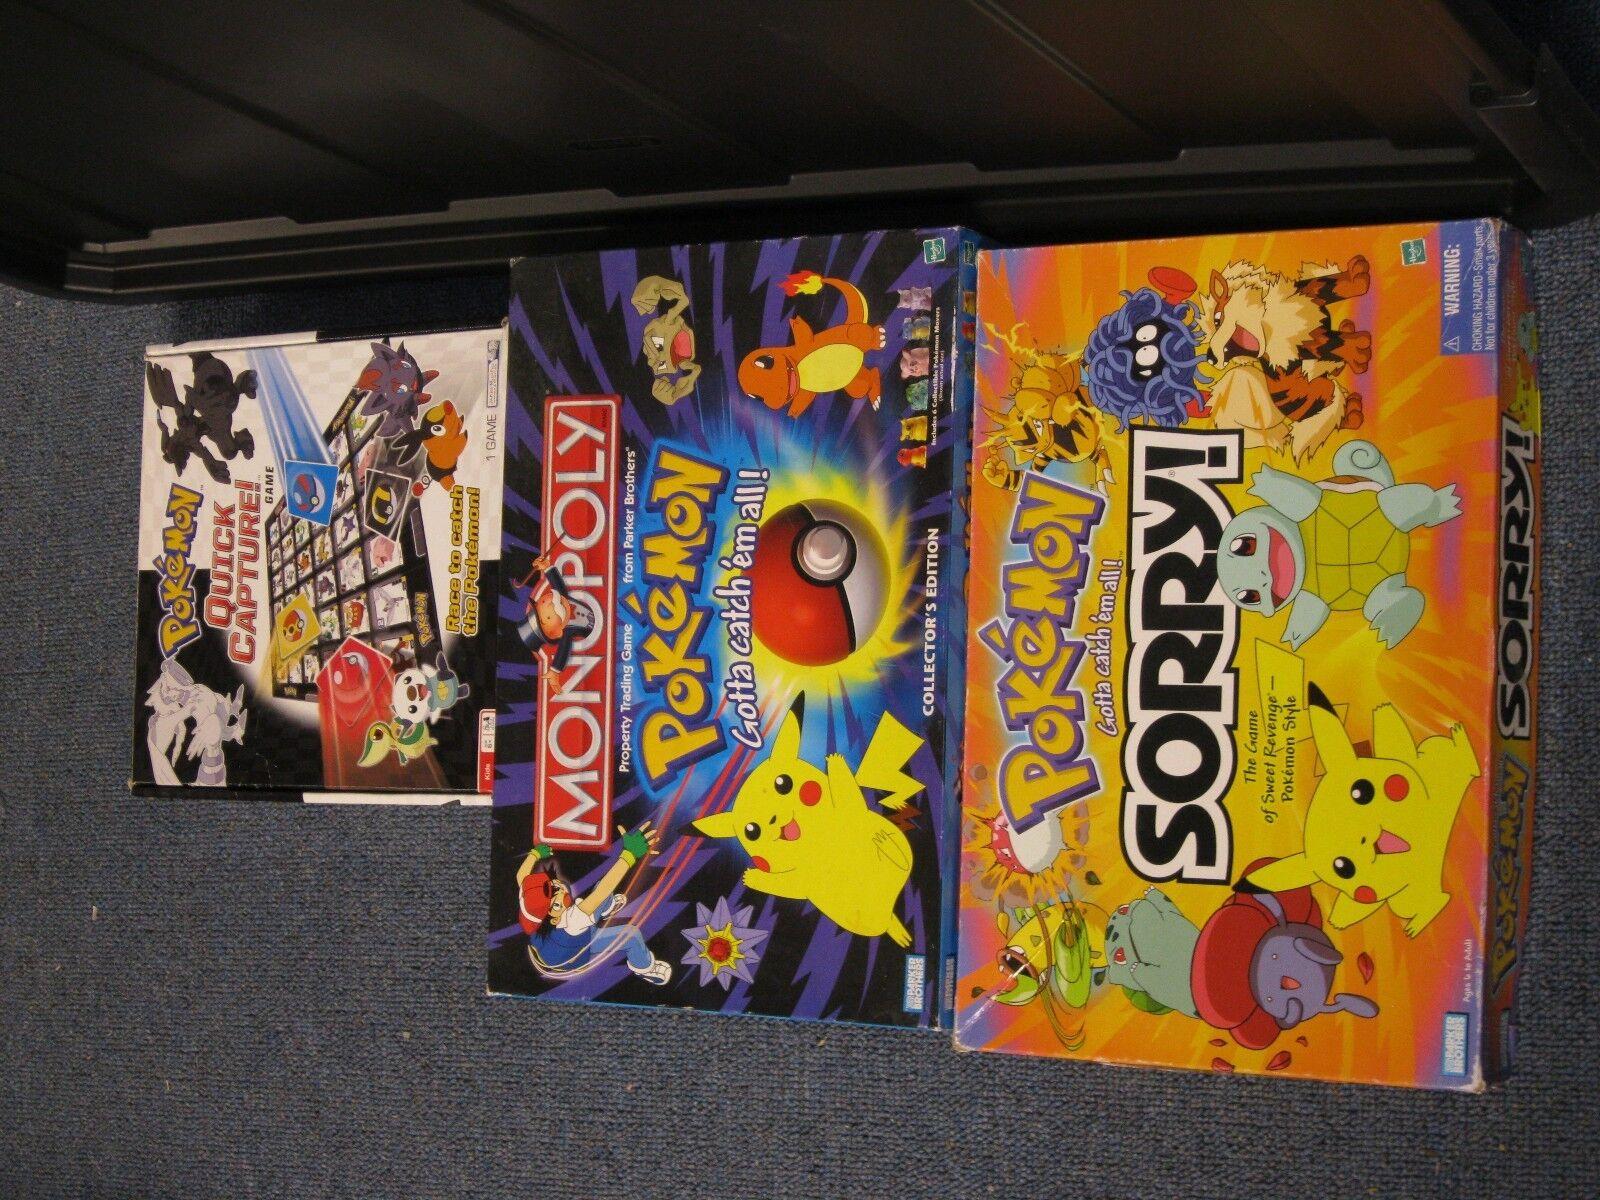 Monopolio de Pokemon Collector's Ed Pokemon Quick Capture lo sentimos sentimos sentimos Juegos de pokemon  auténtico